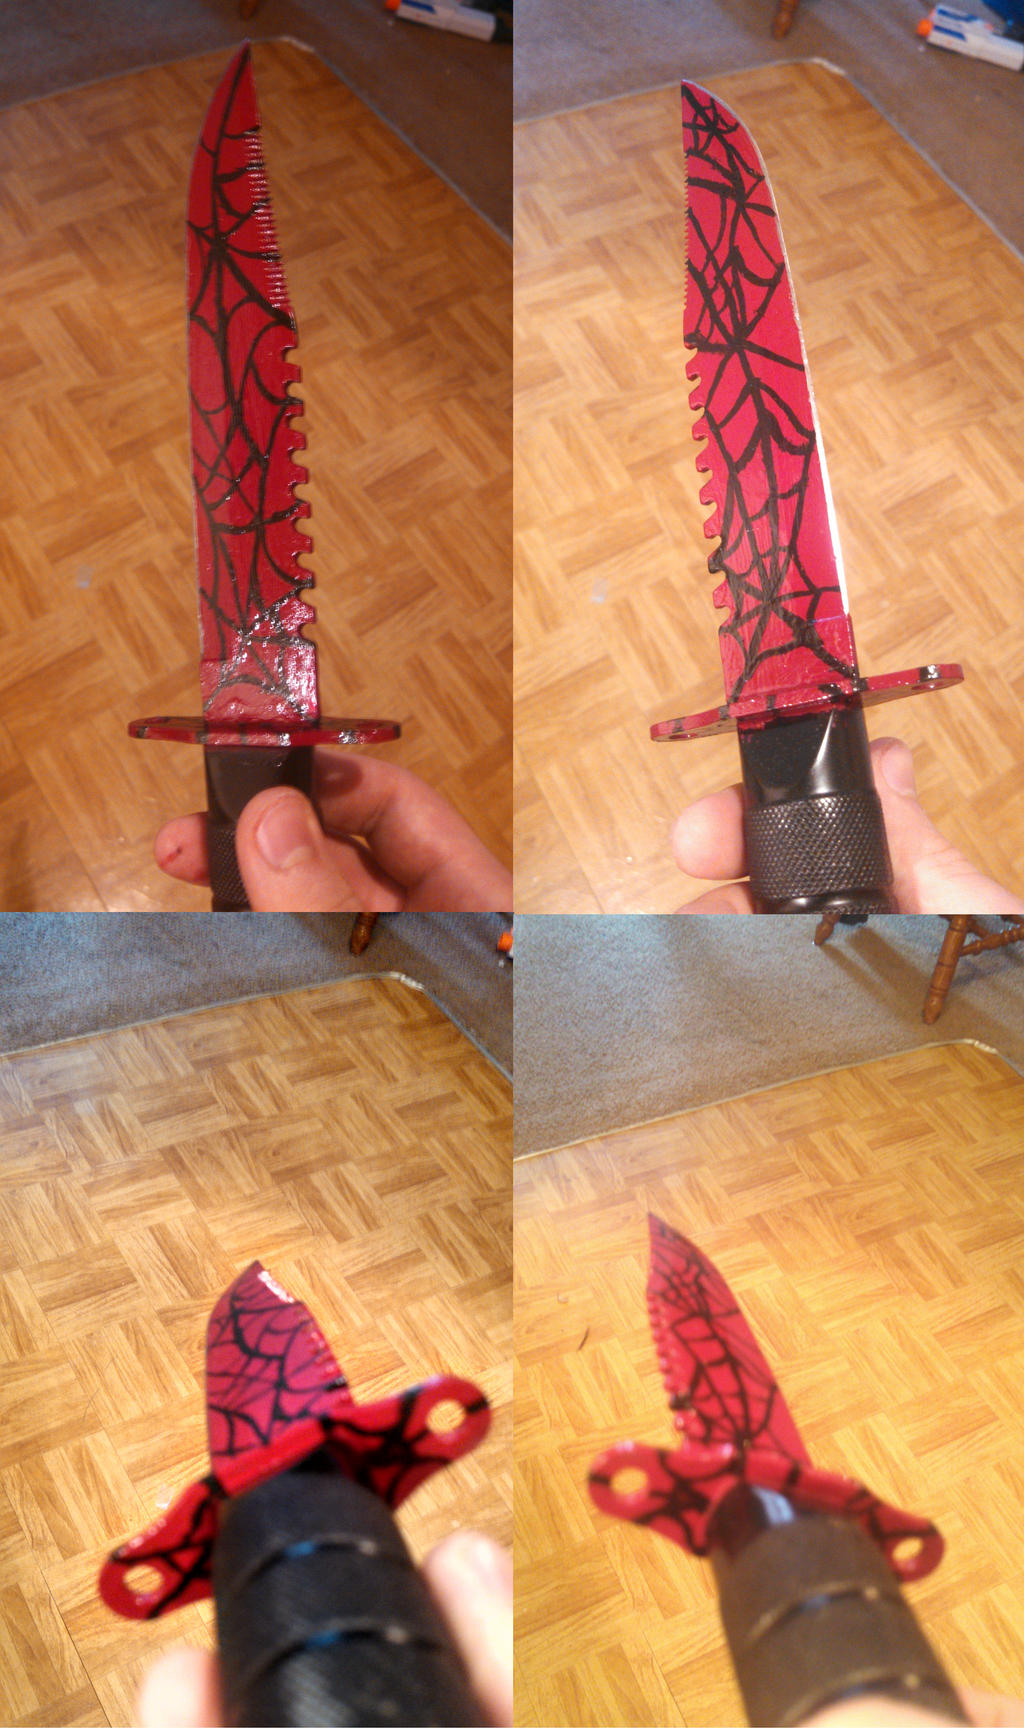 crimson web cs go knife design by doppelganger1994 on deviantart